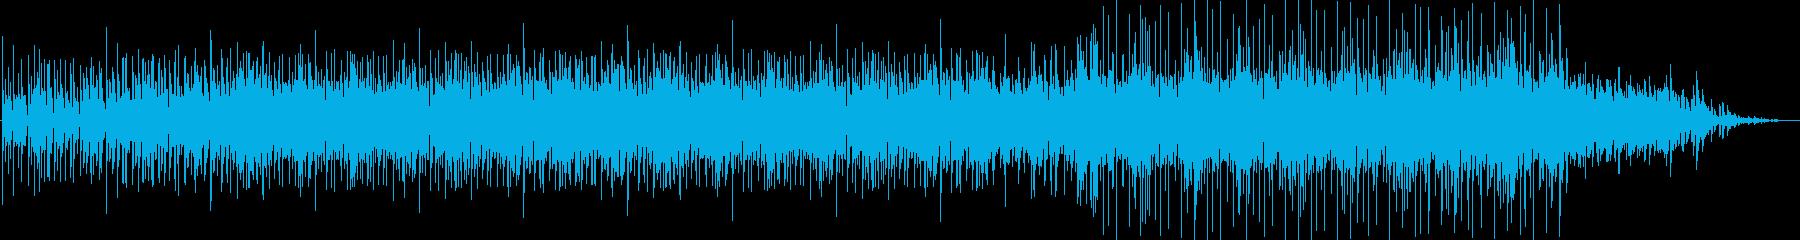 アコースティックギターによるロックの再生済みの波形